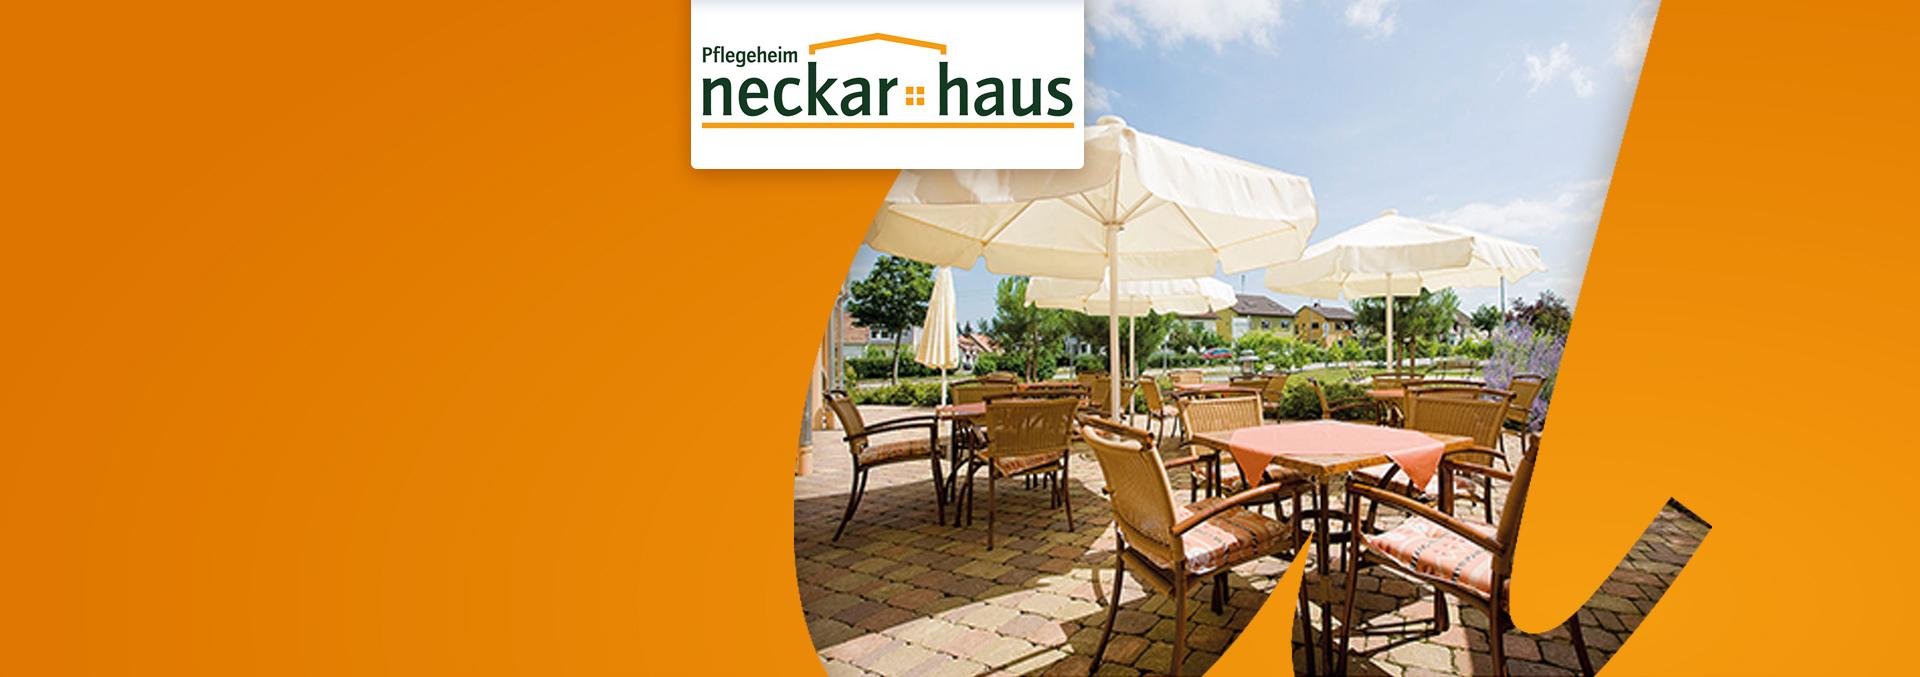 Terrasse des Pflegeheims Neckarhaus, weiße Sonnenschirme, hölzerne Tische und Stühle mit bunten Decken und Kissen.